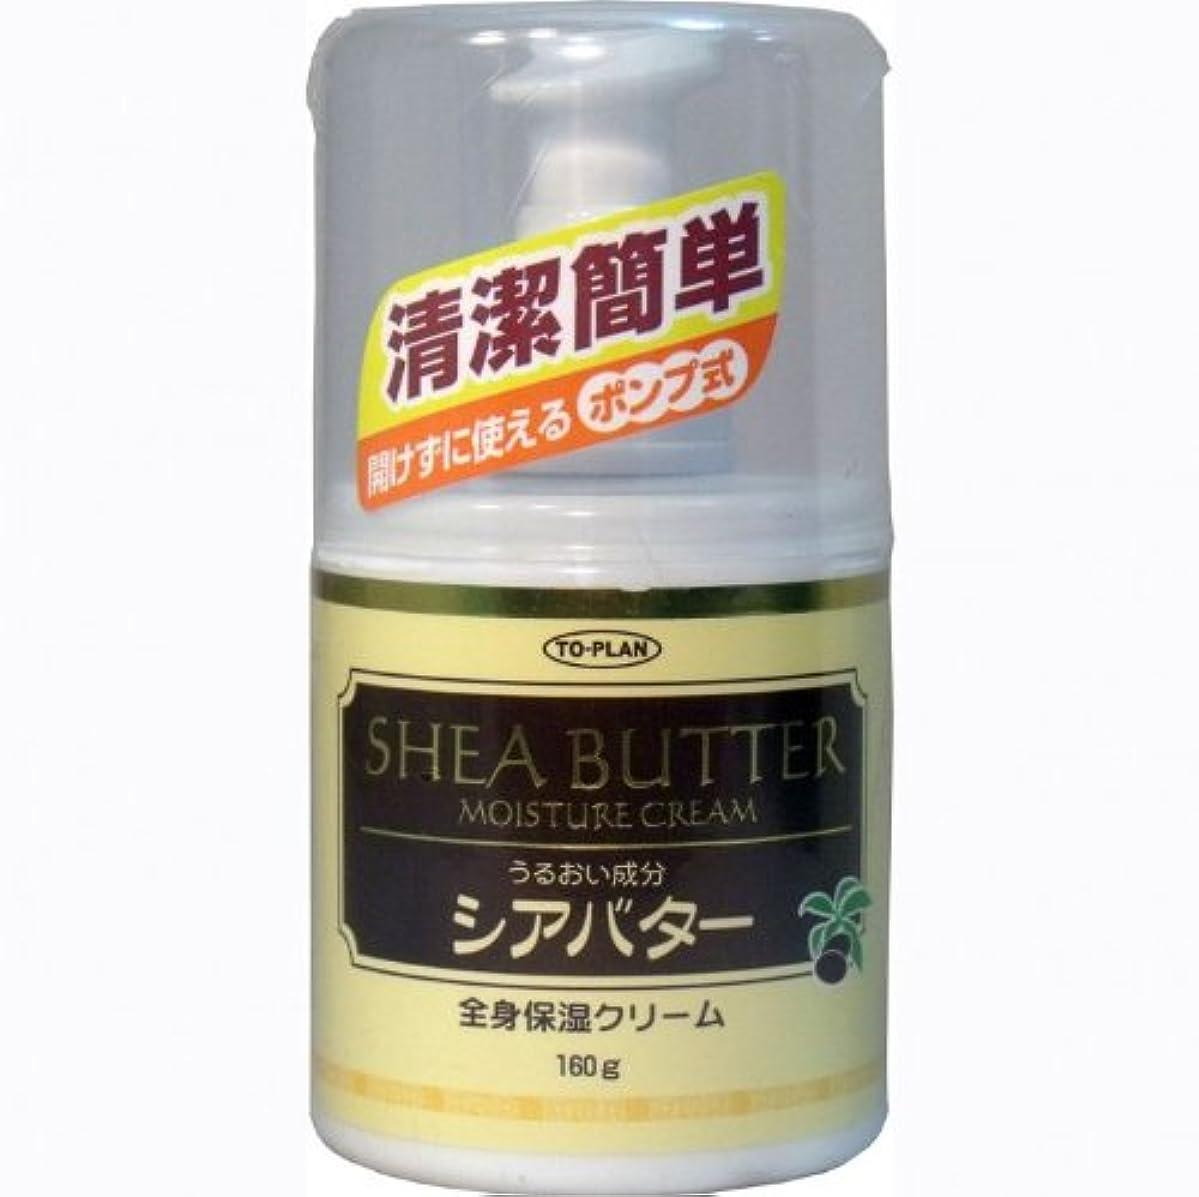 放つ処方する特殊トプラン 全身保湿クリーム シアバター ポンプ式 160g「5点セット」